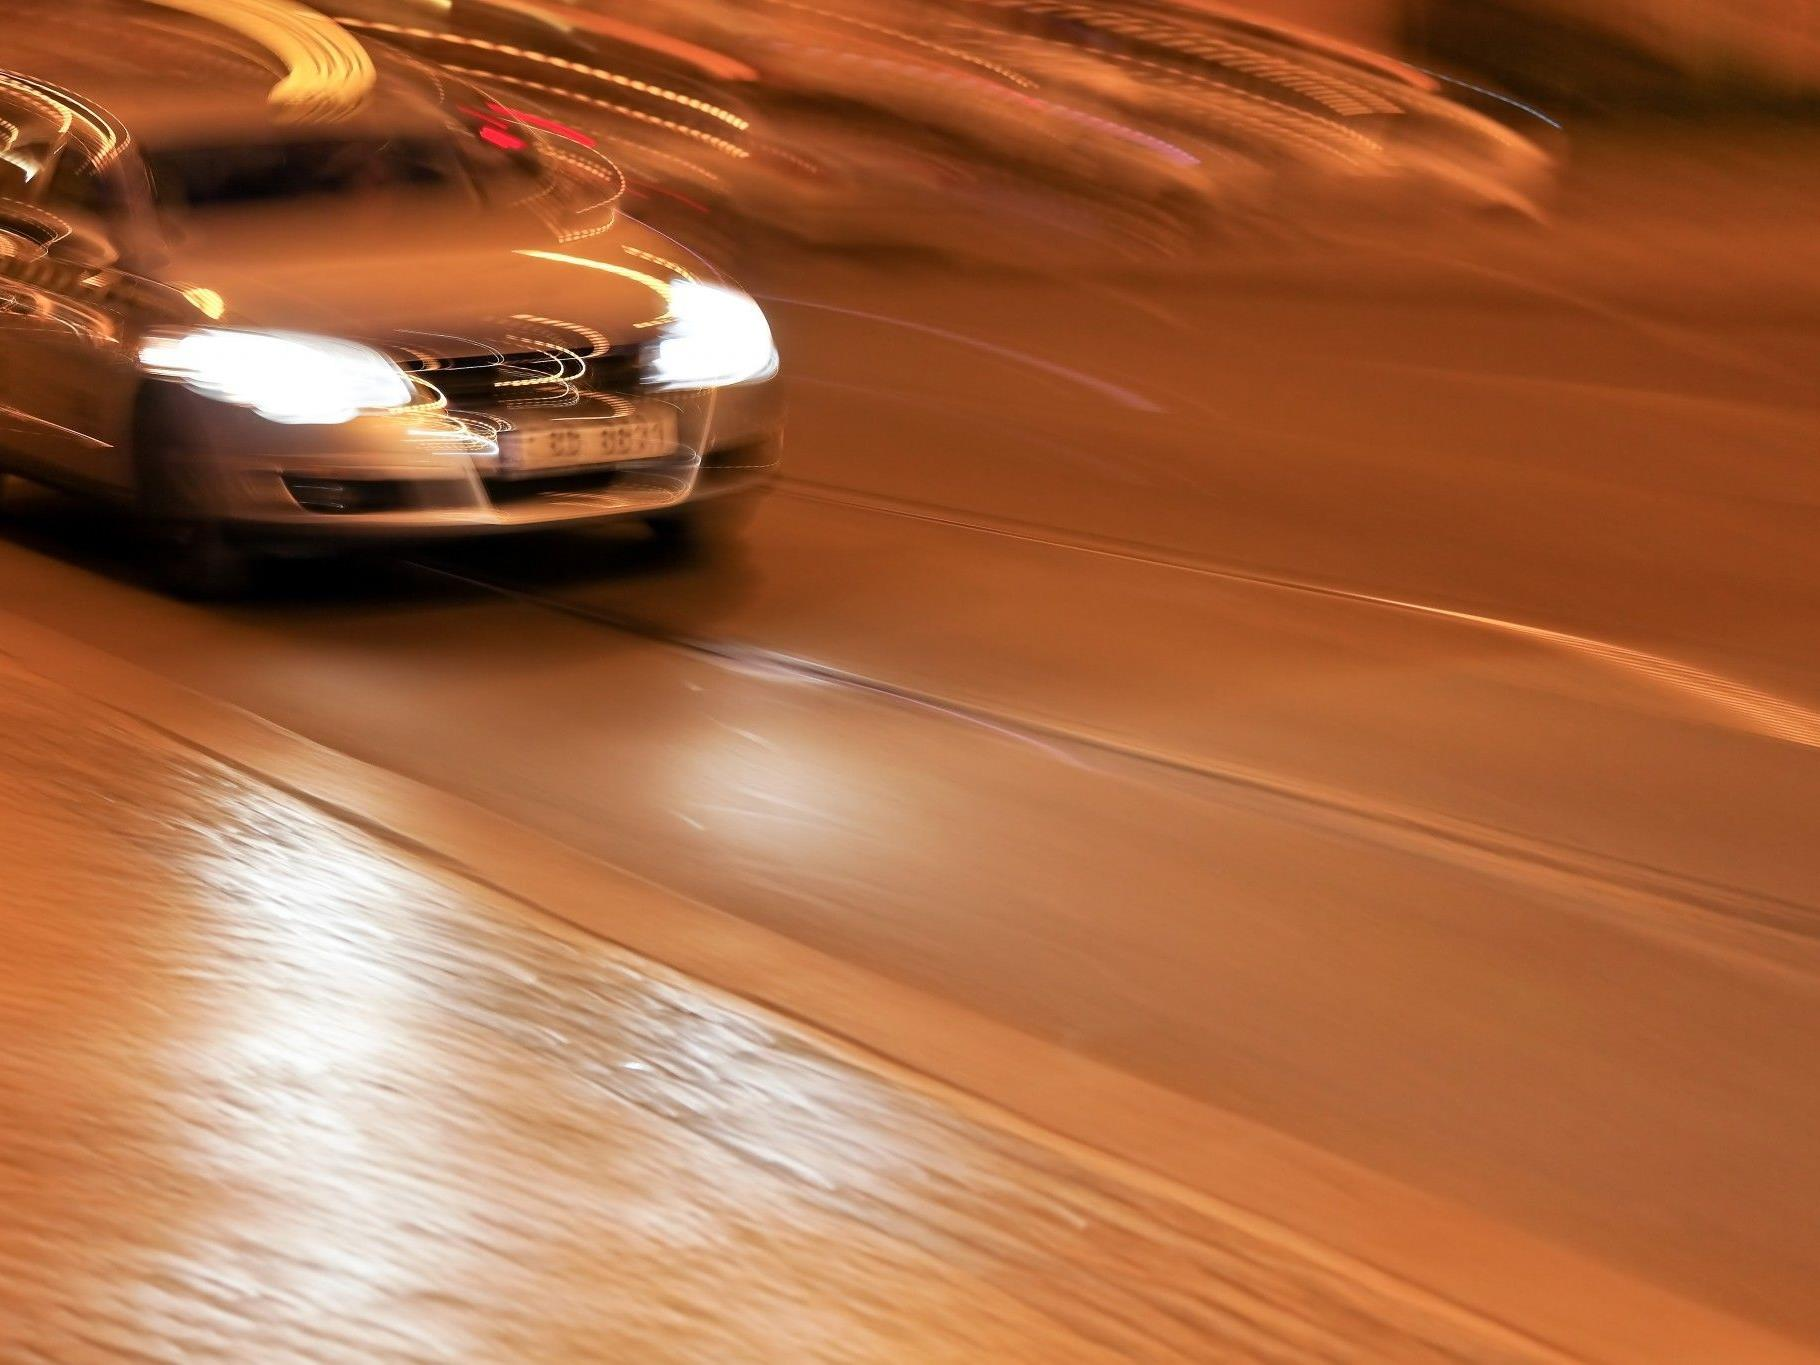 Statt der erlaubten 70km/h fuhr der 18-Jährige 160km/h.